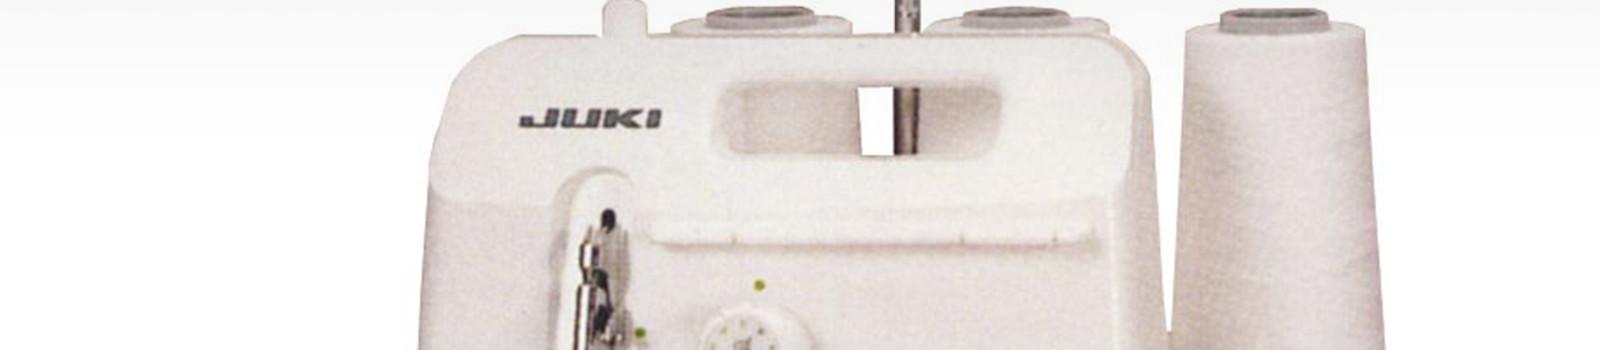 Juki MO-623 Serger